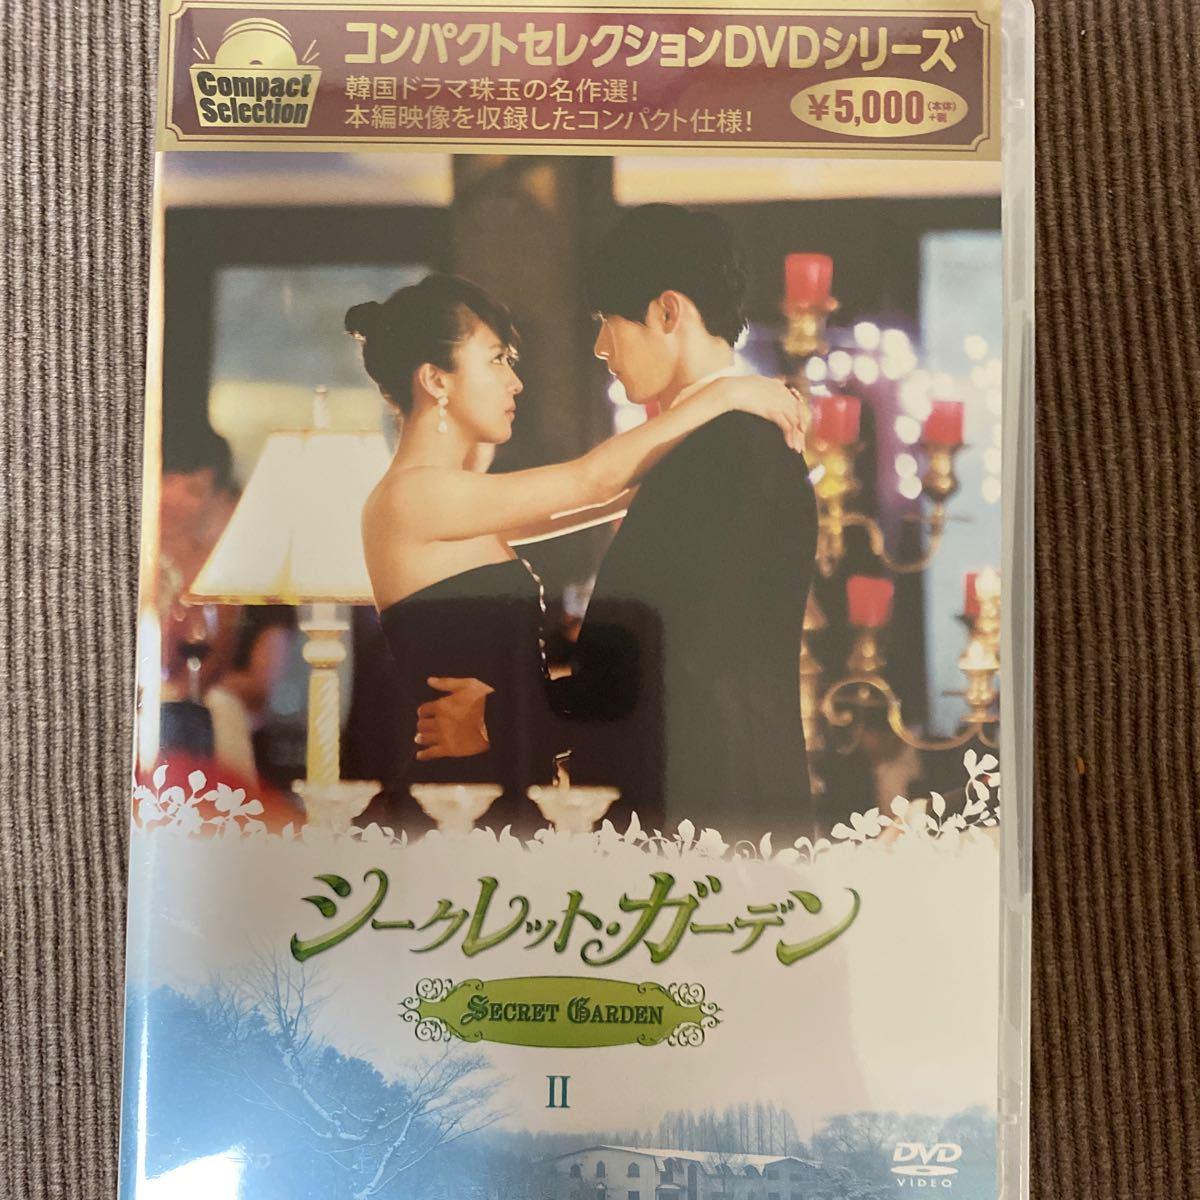 コンパクトセレクション シークレットガーデン DVD-BOXII ハジウォン/ヒョンビン